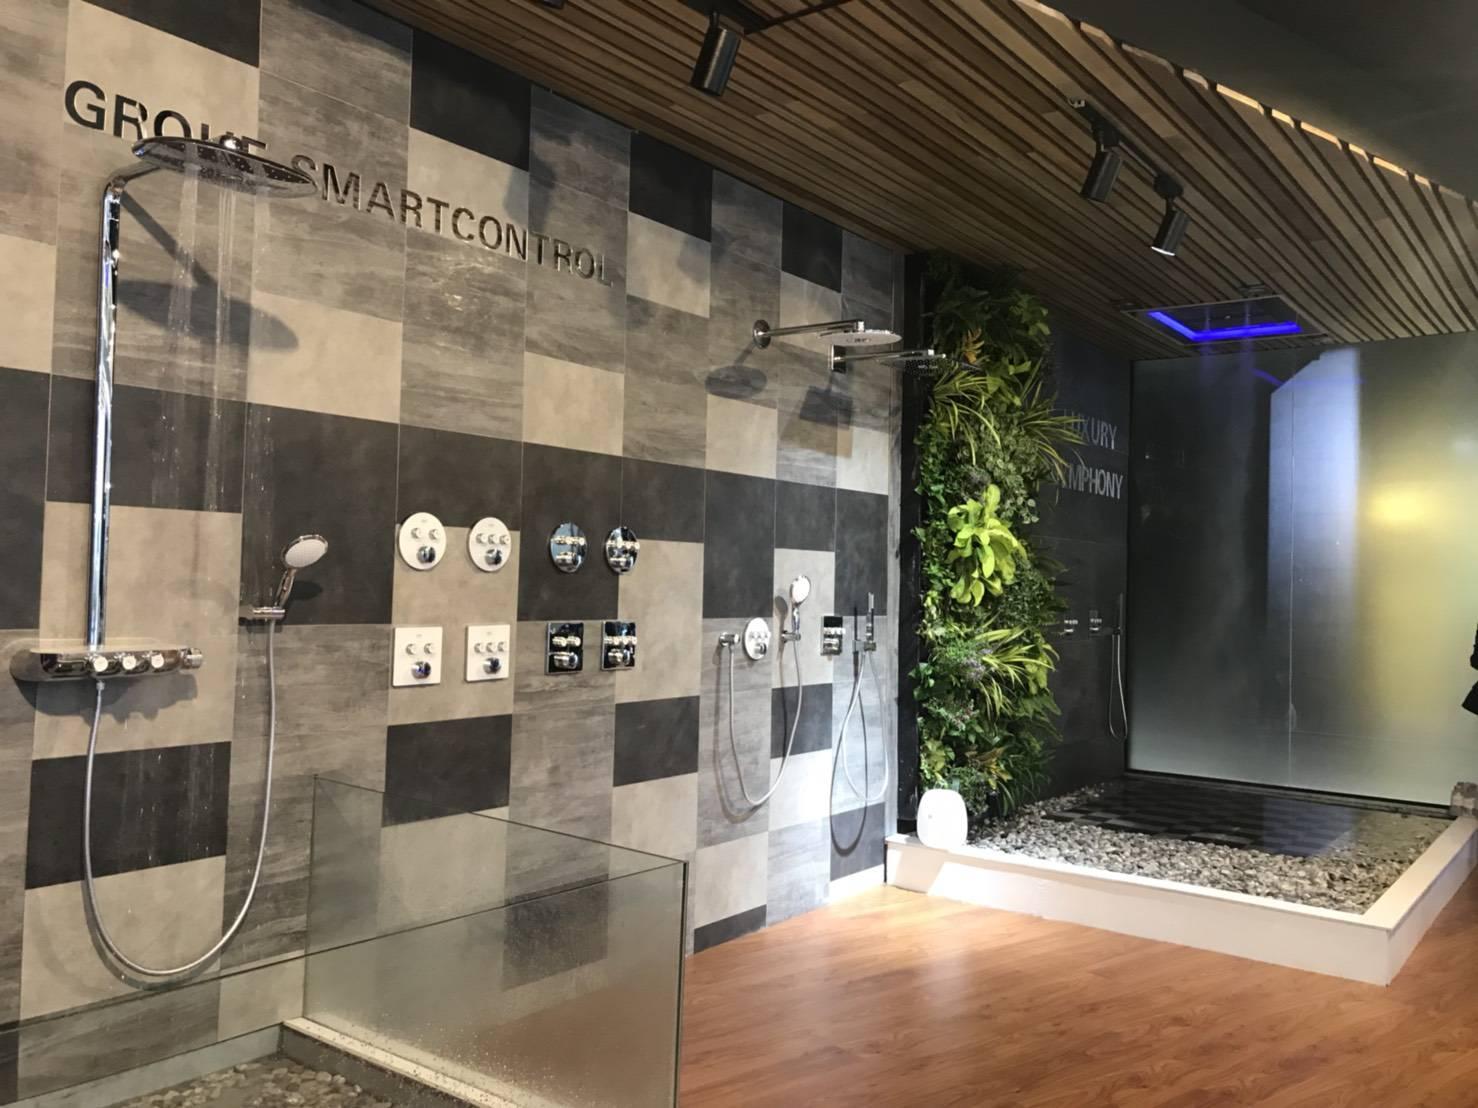 ปฏิวัติวงการเซรามิค 100 ปี ยังดูดีเหมือนใหม่ ชมนวัตกรรมสุขภัณฑ์ใหม่ในงานสถาปนิก '61 57 - American Standard